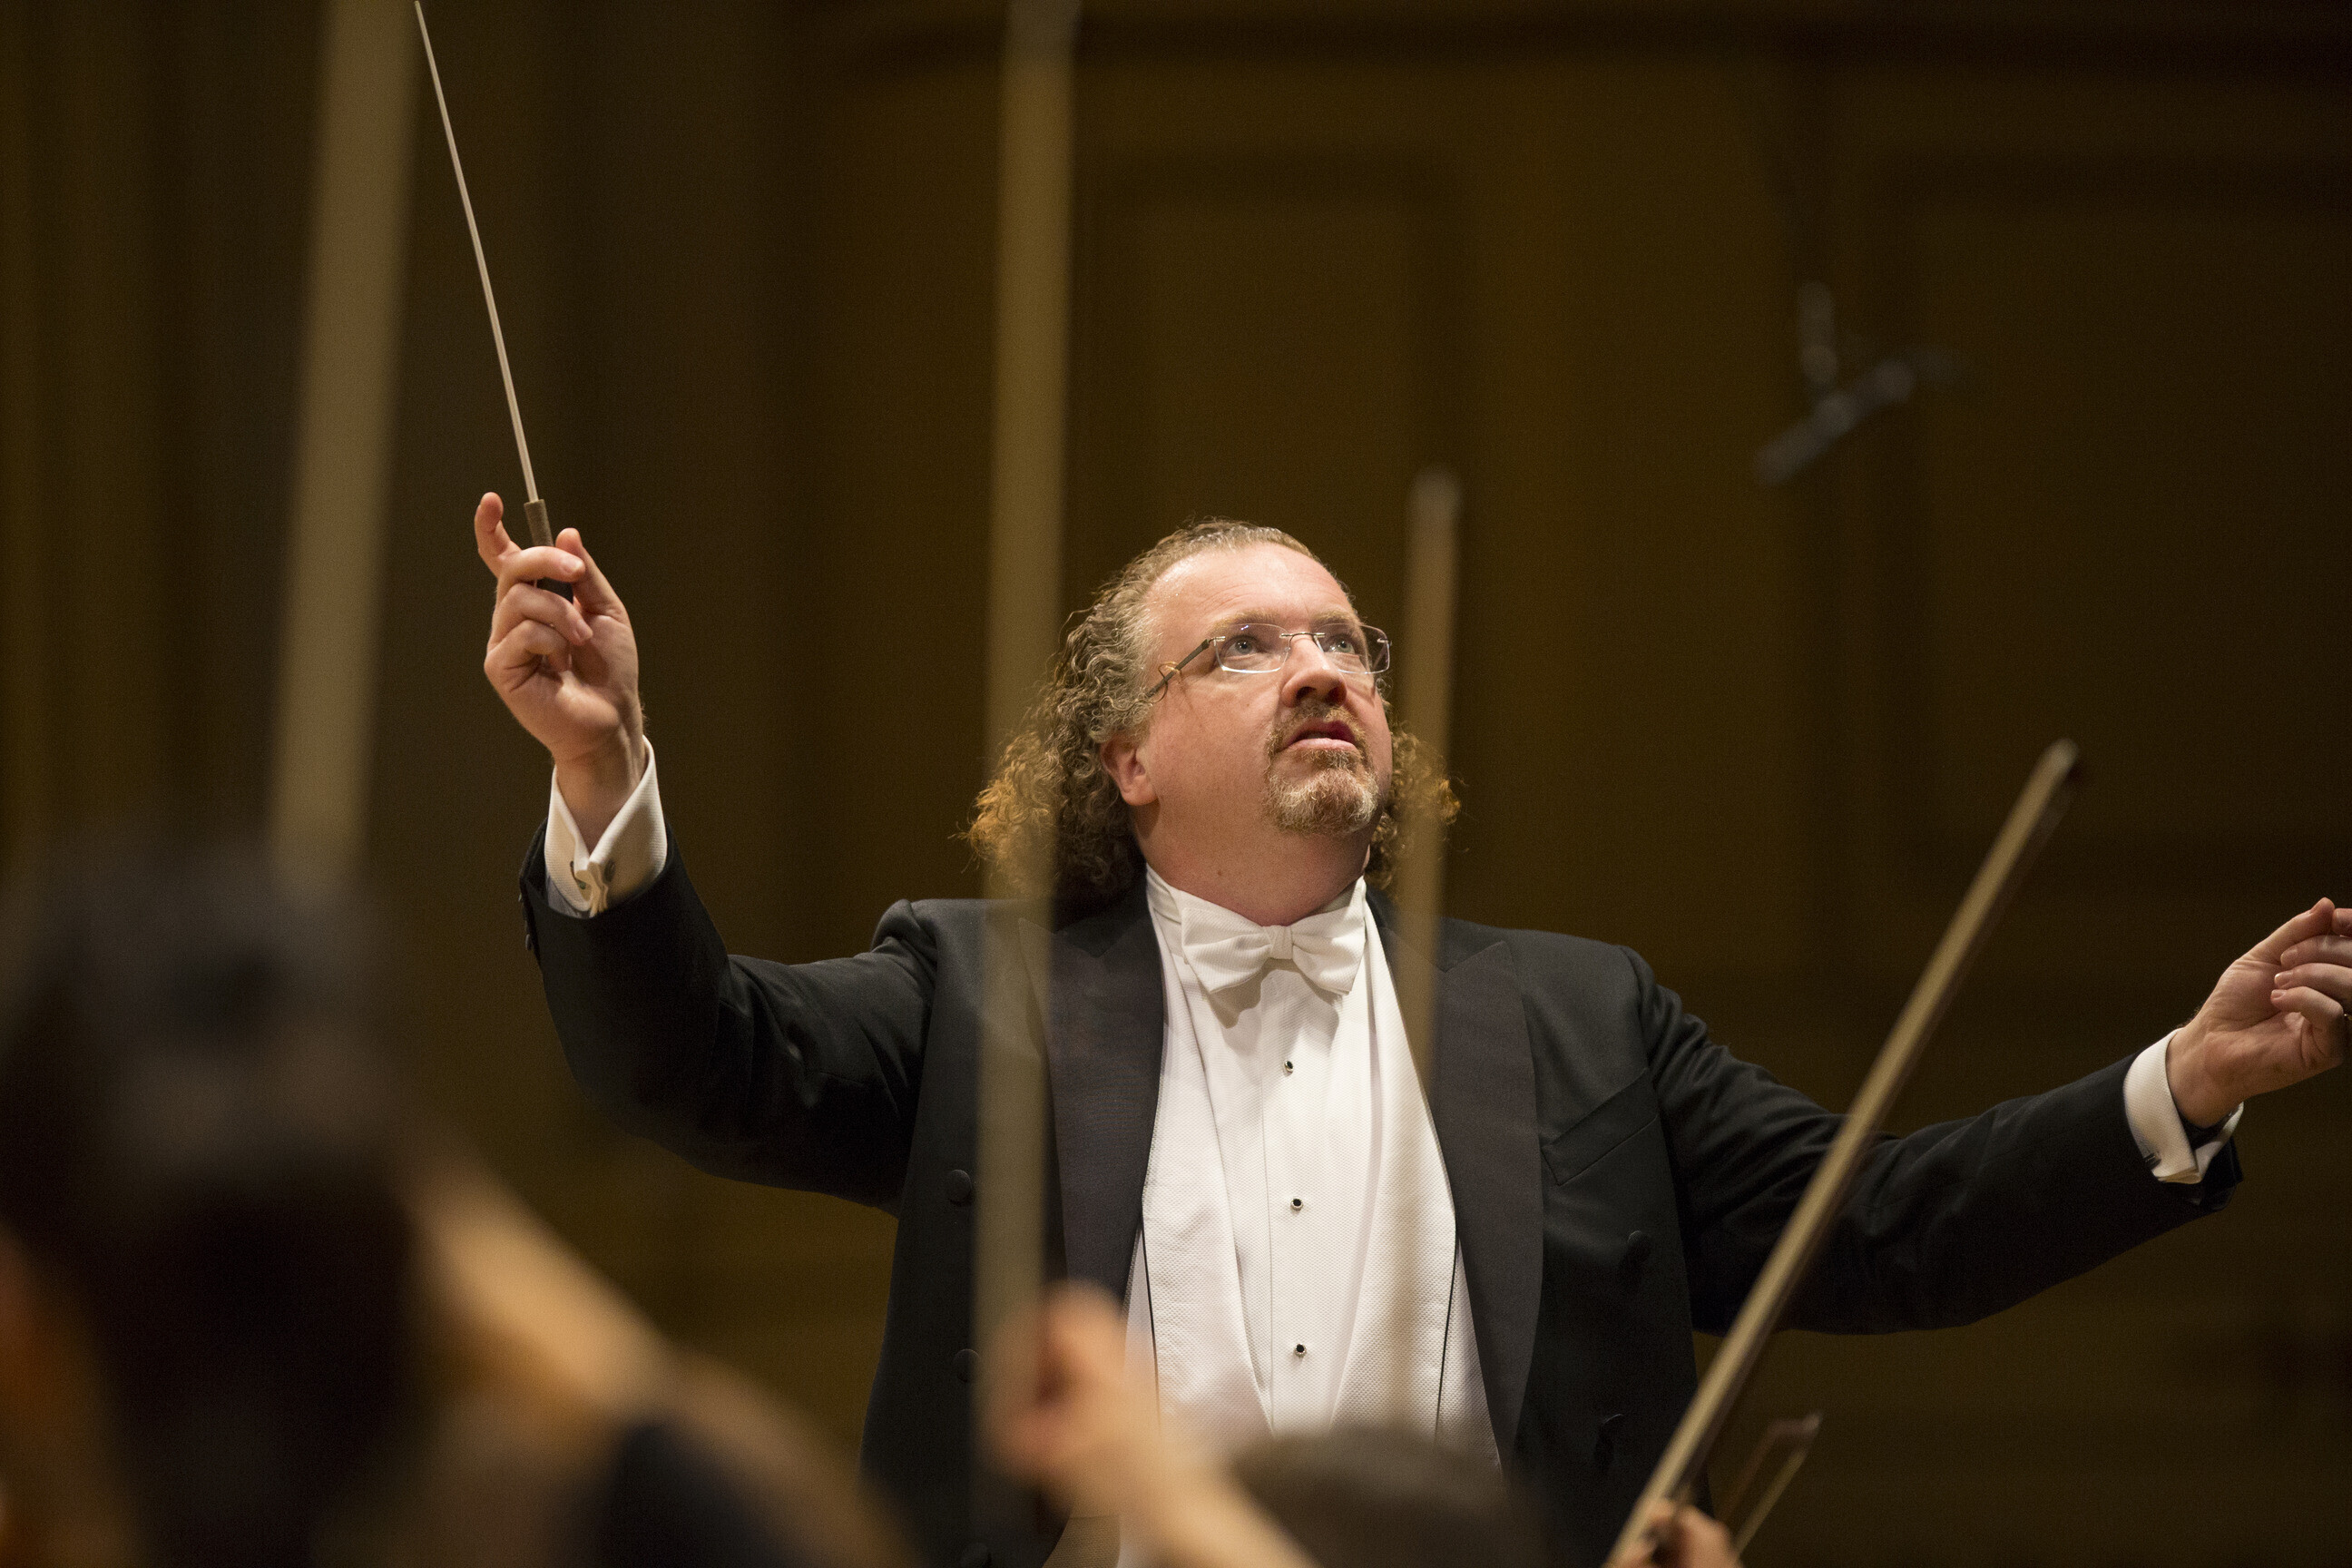 St. Louis Symphony Orchestra music director Stéphane Denève